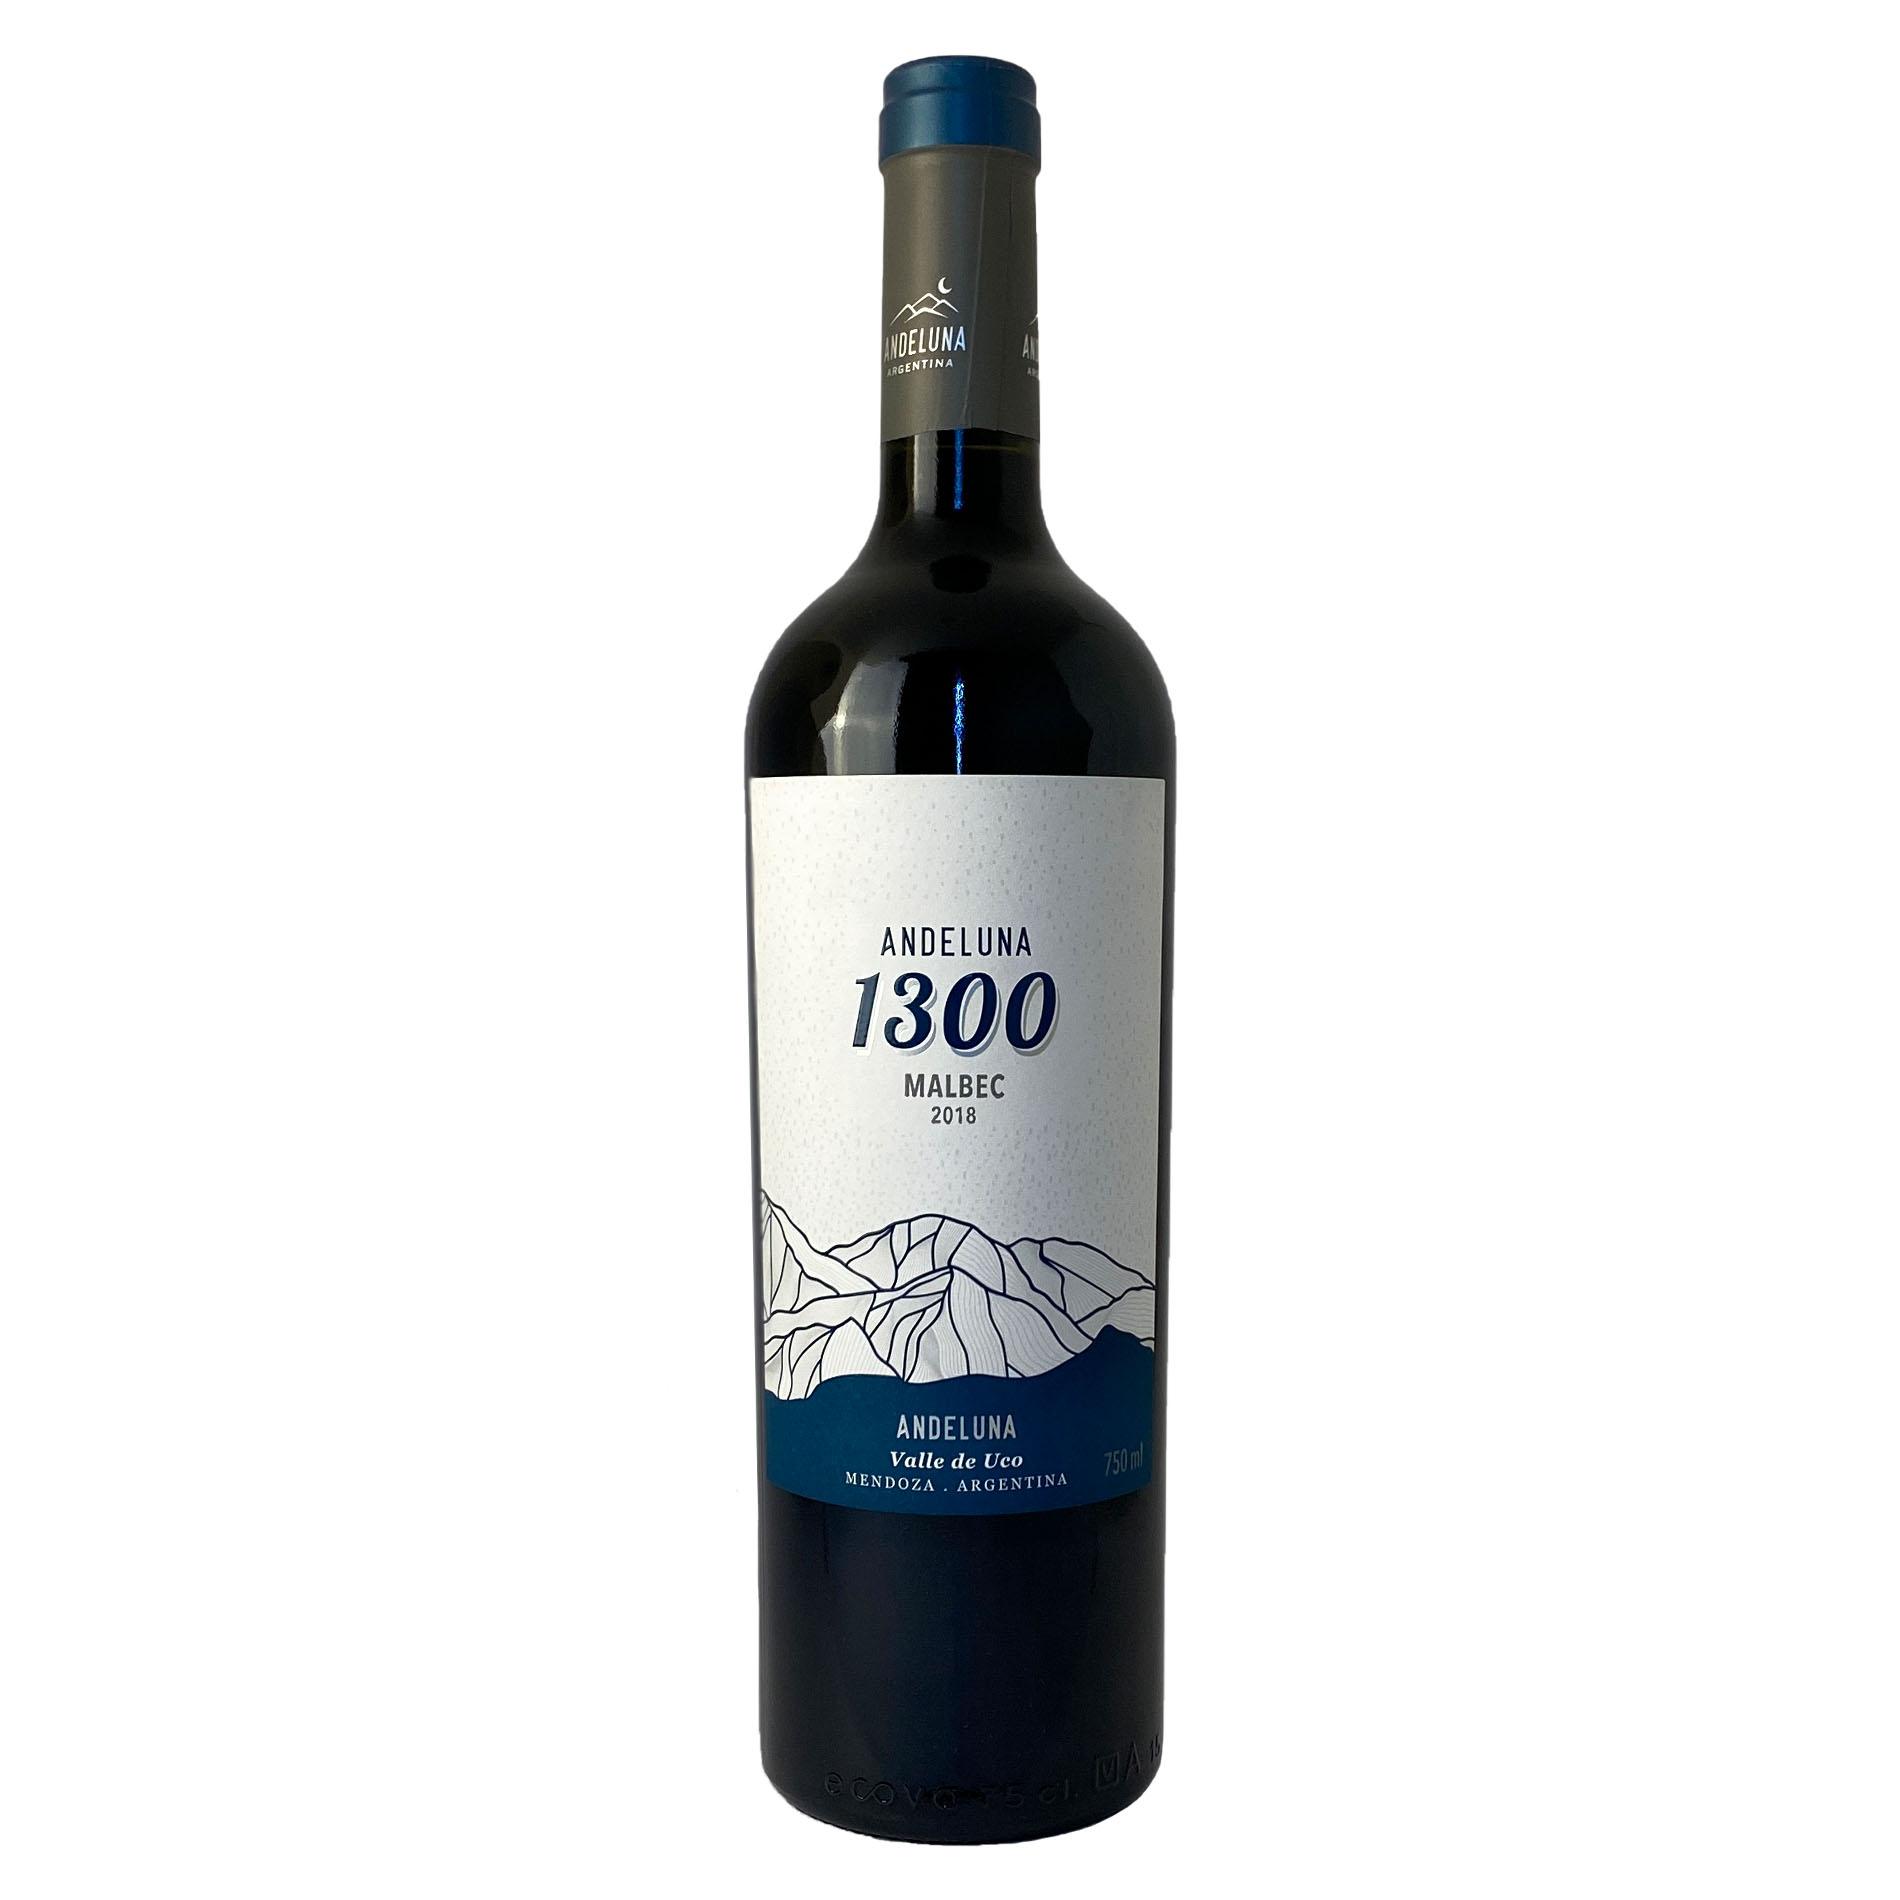 Andeluna 1300 - Malbec  - Vinerize